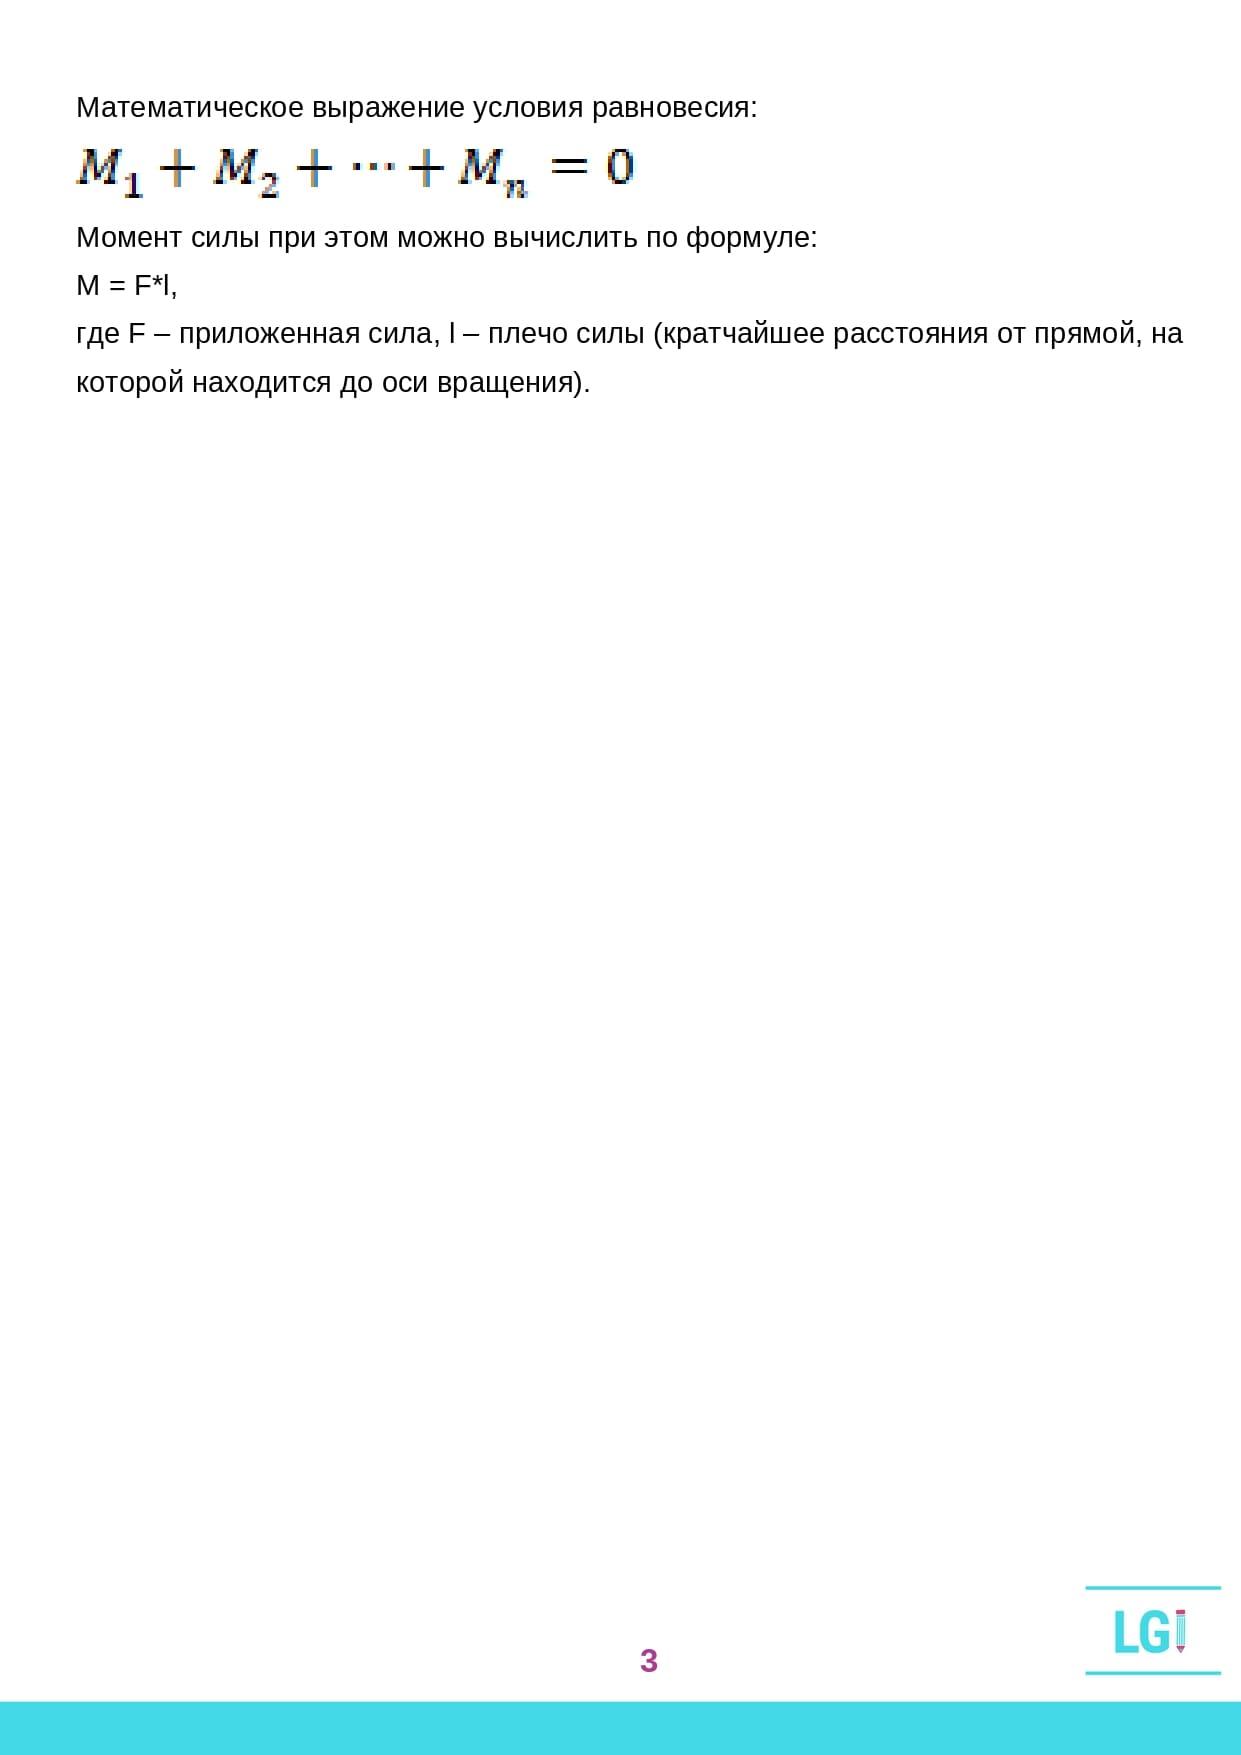 Готовимся к ОГЭ. Физика. 9 класс. Опора №6 страница 3